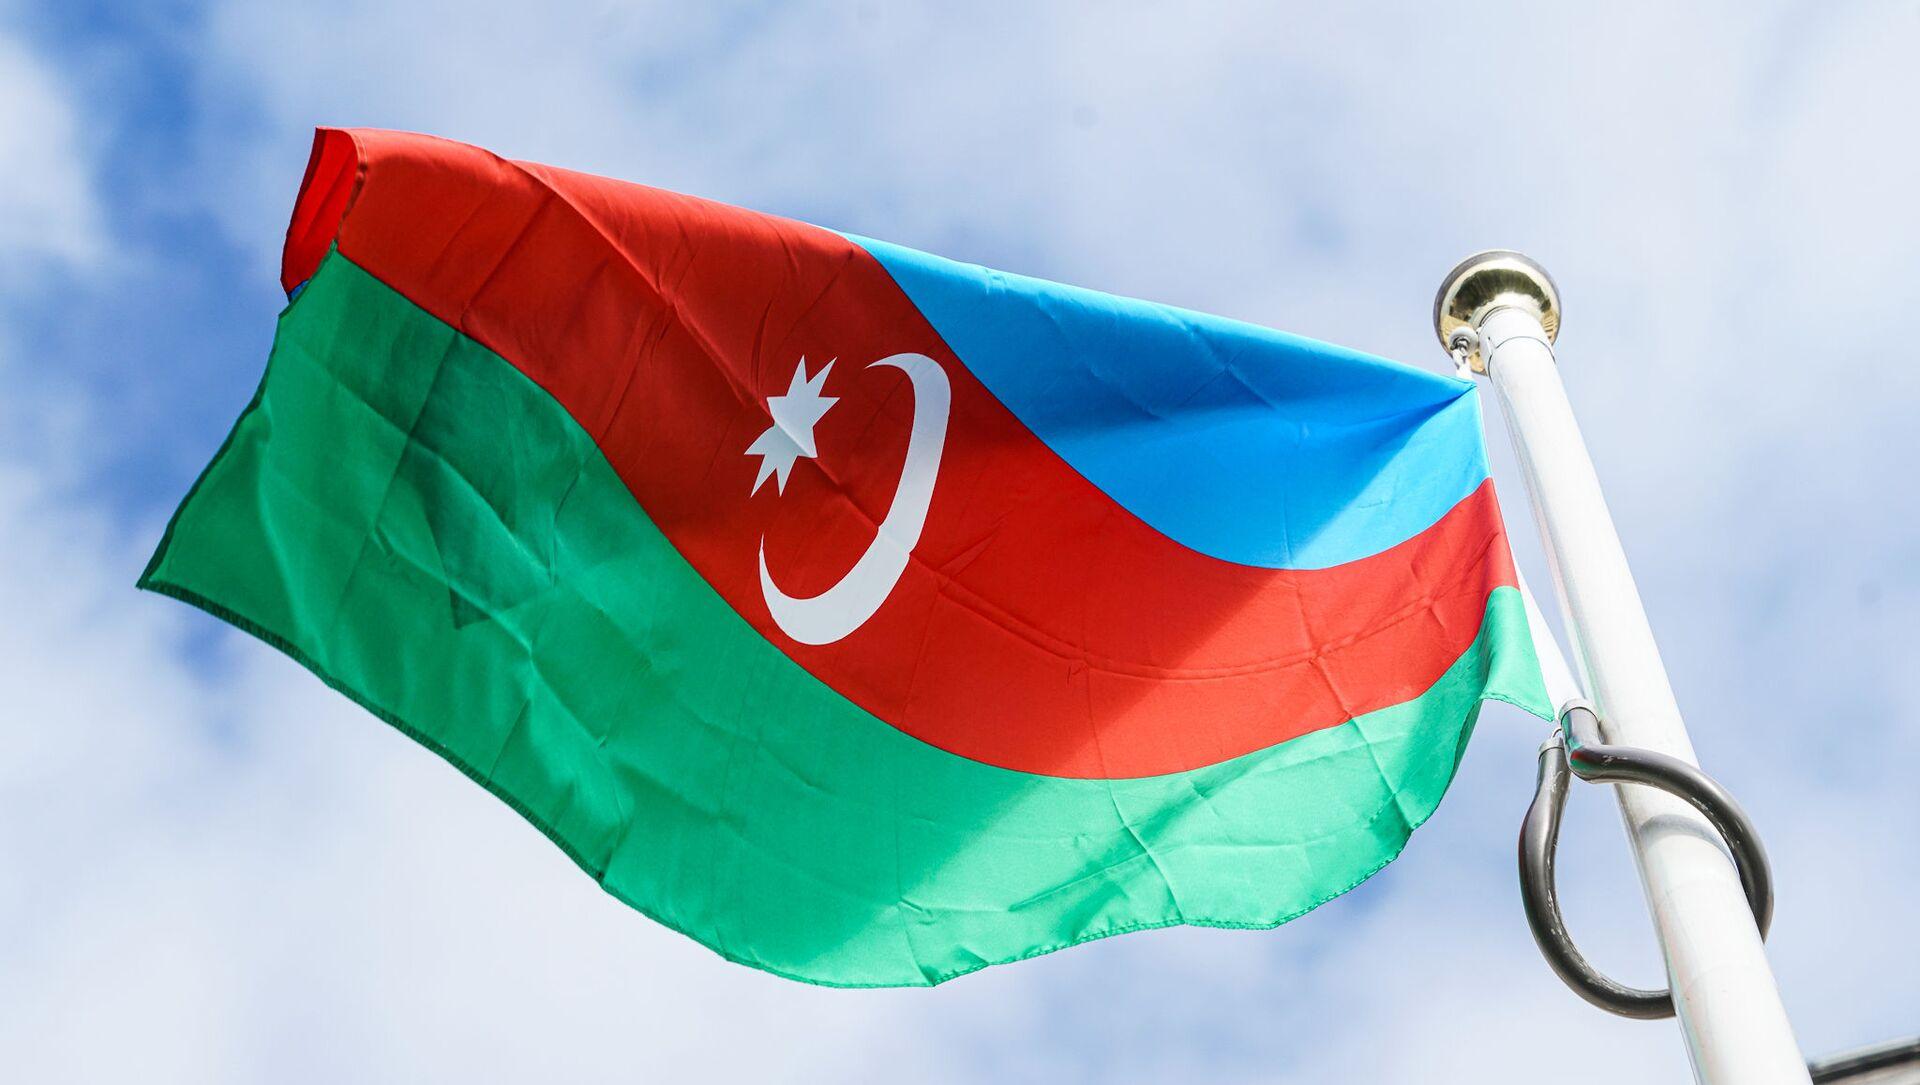 Флаг Азербайджана на посольстве в Риге - Sputnik Латвия, 1920, 07.05.2021